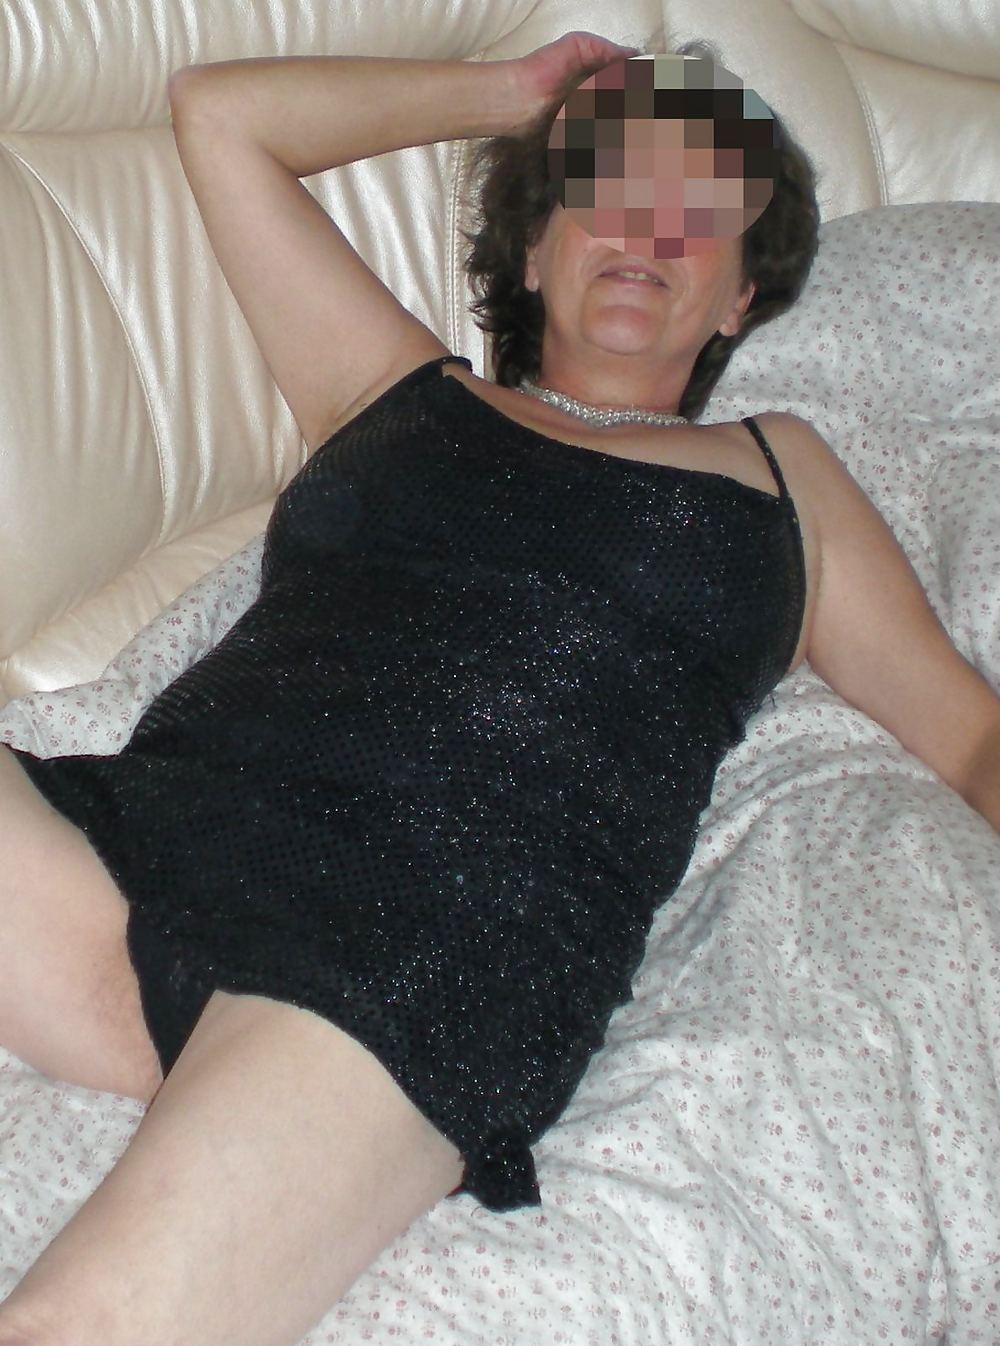 Matez moi me masturber seule ds notre chambre - 1 part 10